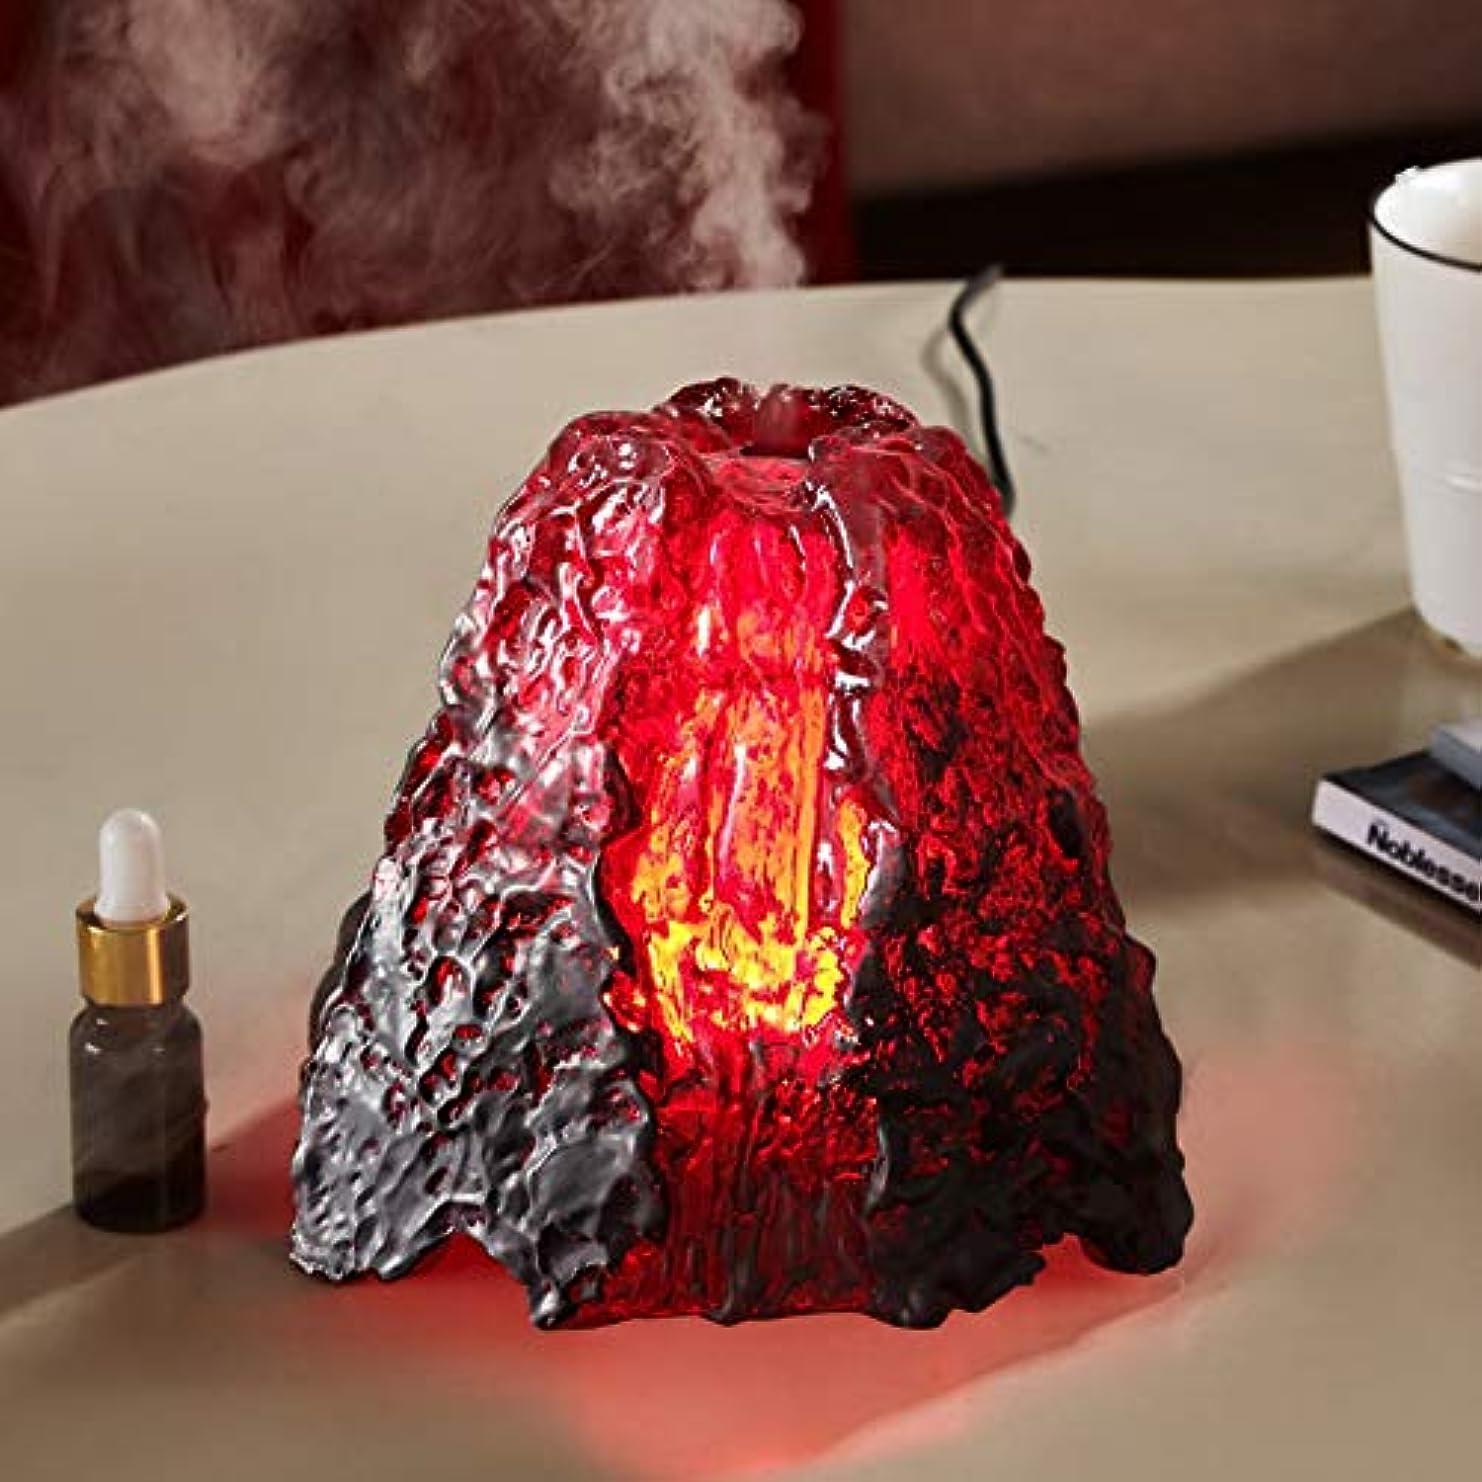 左研究収まる樹脂 火山 7 色 加湿器,デスクトップ 涼しい霧 加湿機 調整可能 精油 ディフューザー アロマネブライザー 空気を浄化 Yoga- 200ml